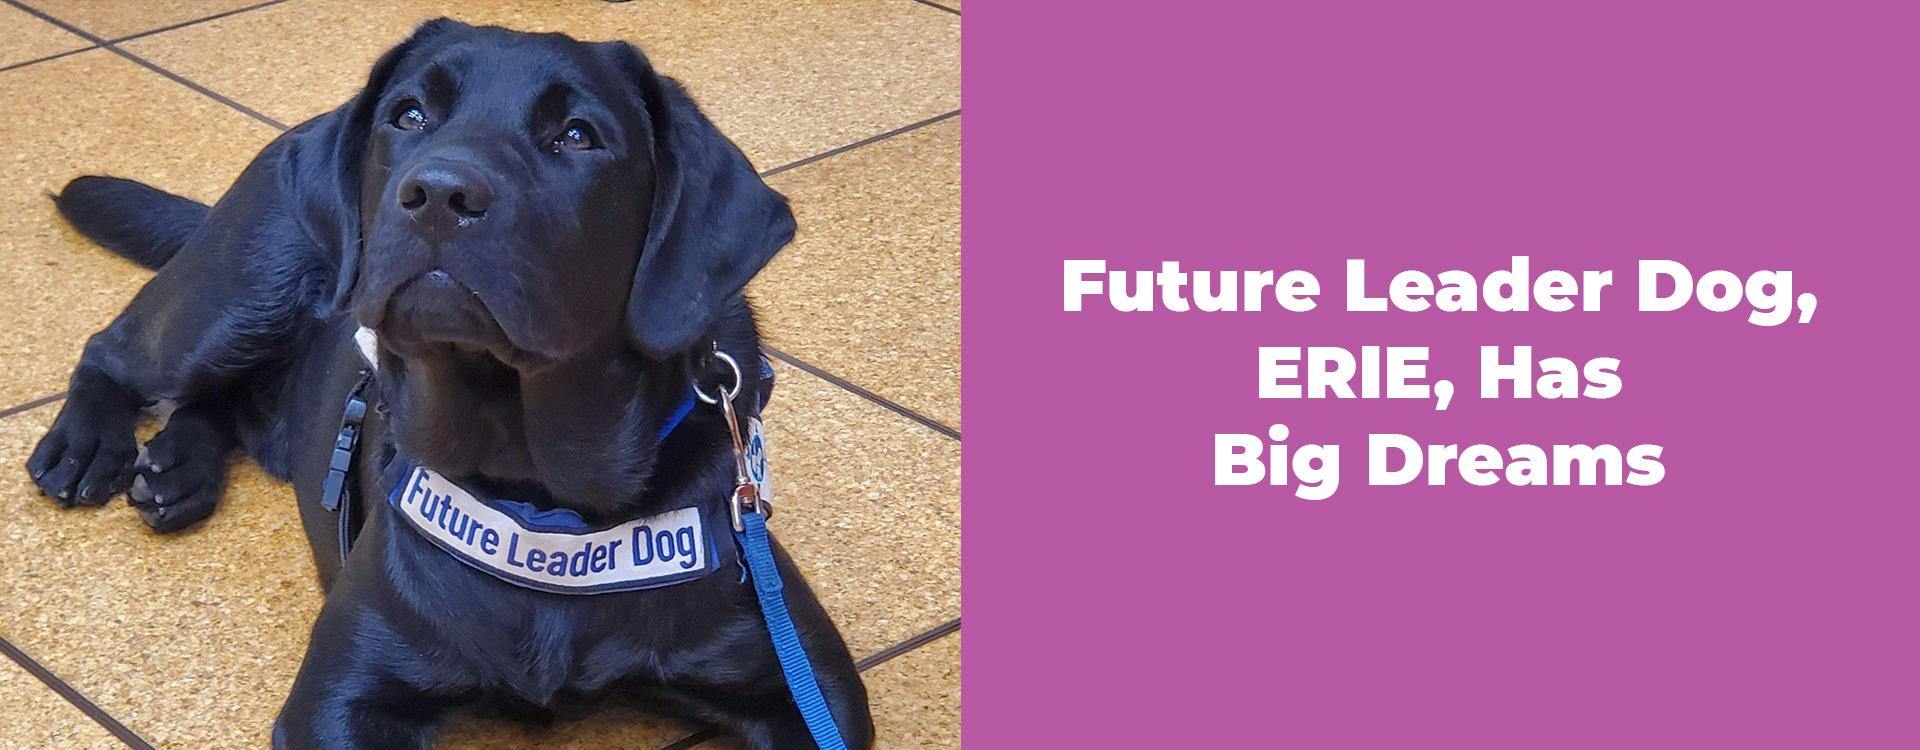 Future Leader Dog, ERIE, Has Big Dreams